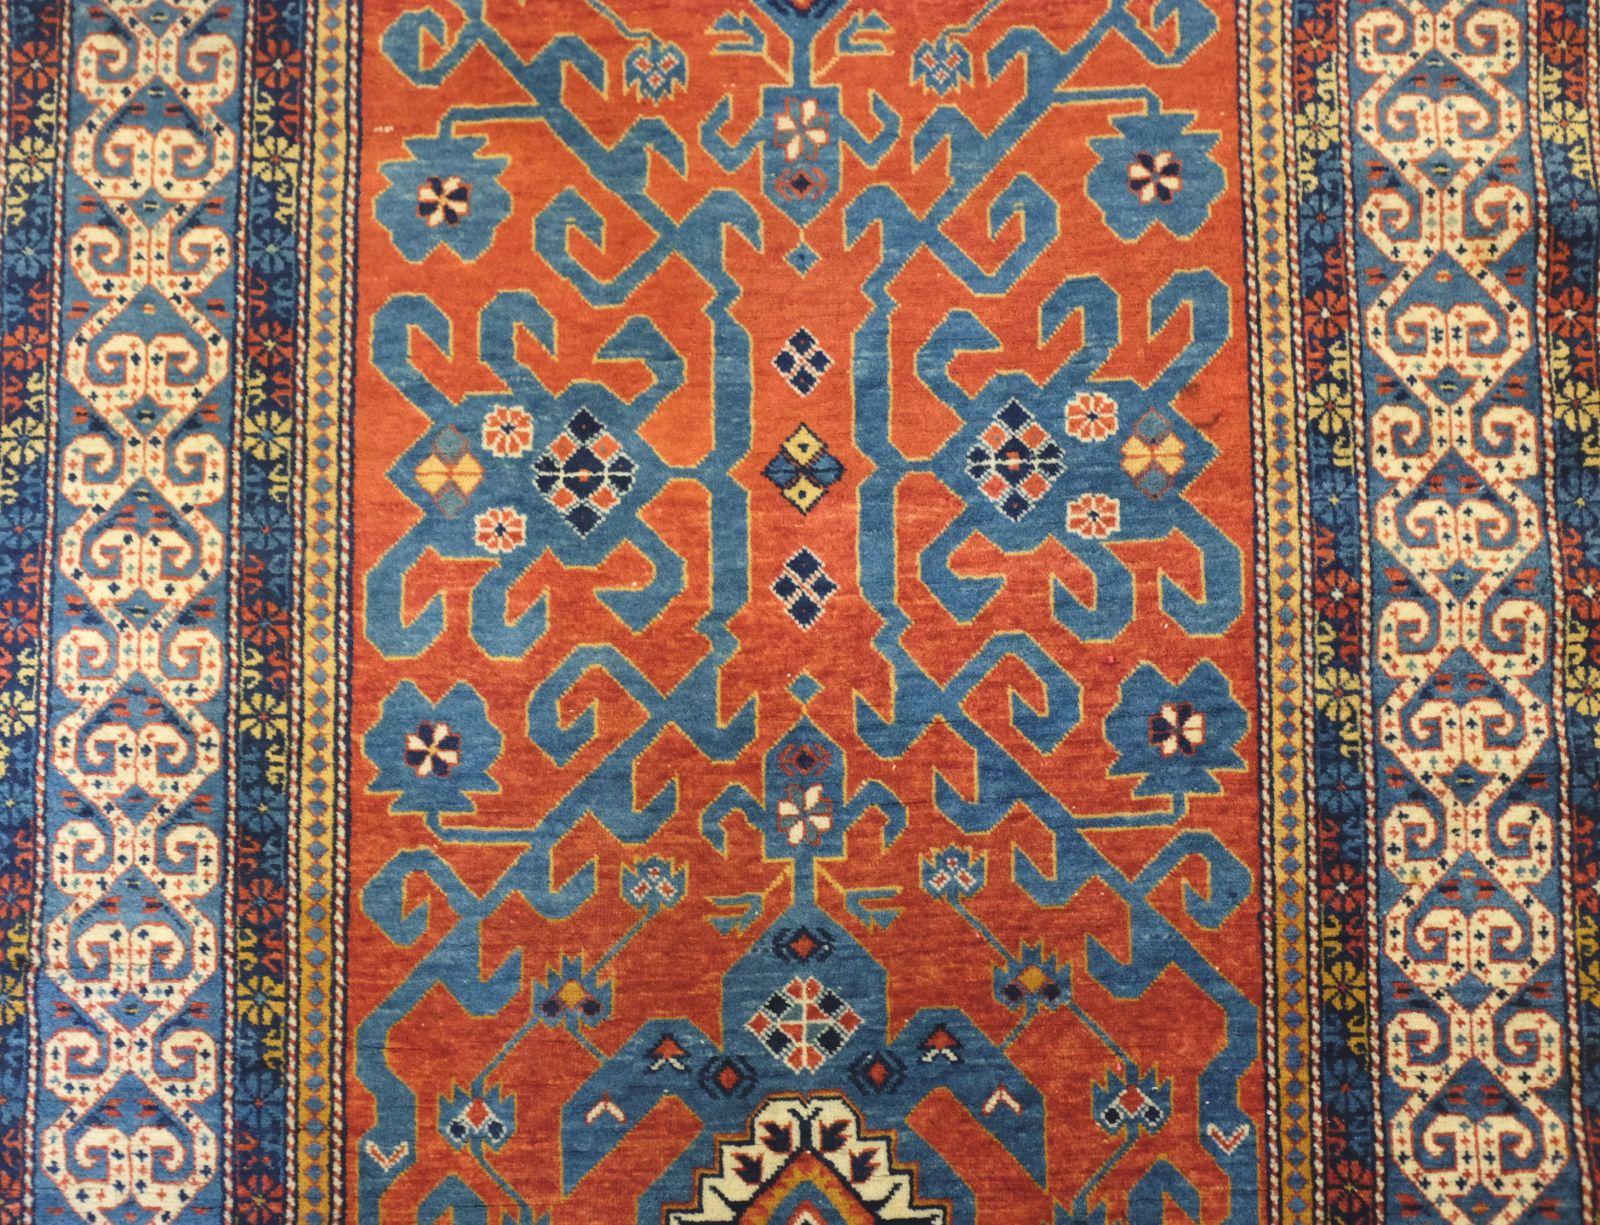 tapis nord iran azerba djan tapis d 39 orient toulon nous vous livrons gracieusement sur un achat. Black Bedroom Furniture Sets. Home Design Ideas